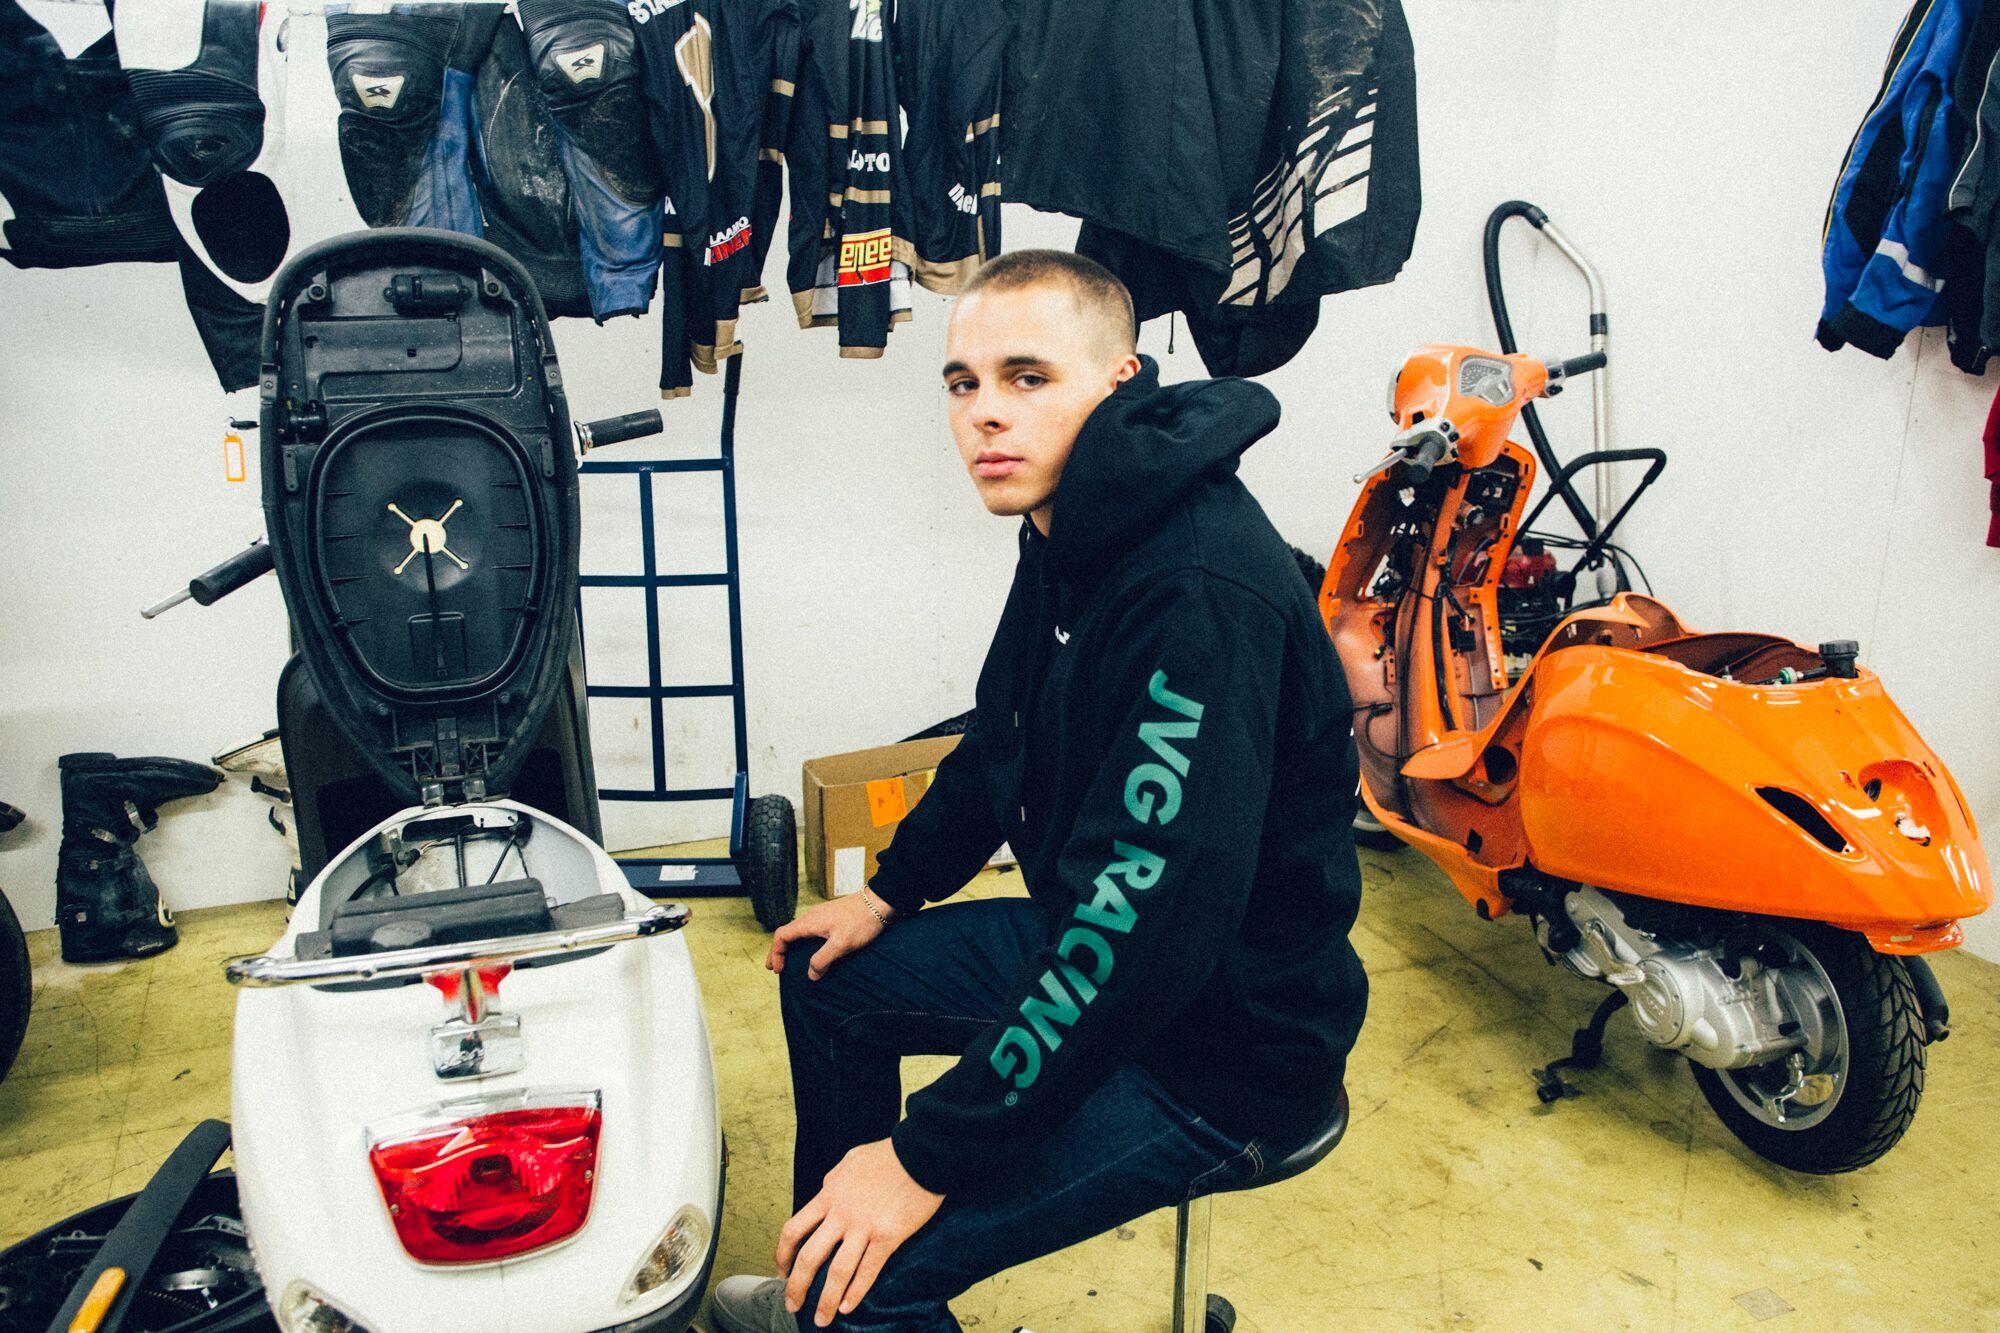 PME-Racing-Collection-KarimAwad.1.jpg